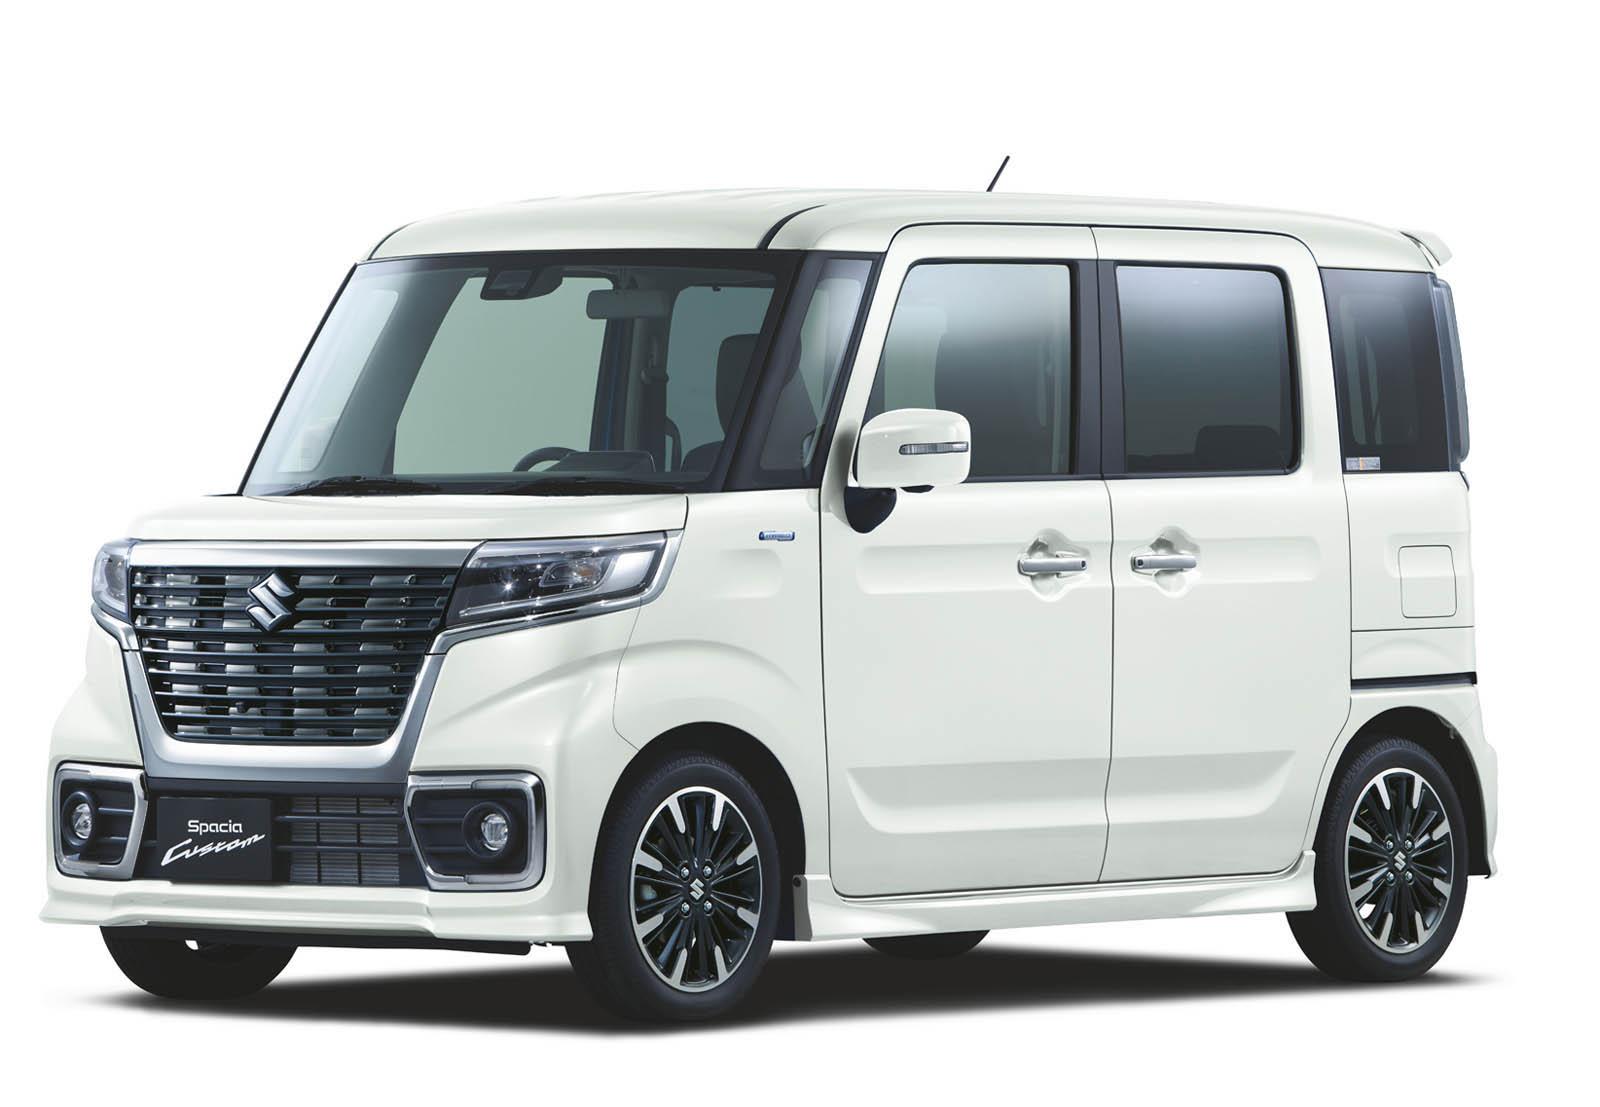 Suzuki Spacia 2018 (18)